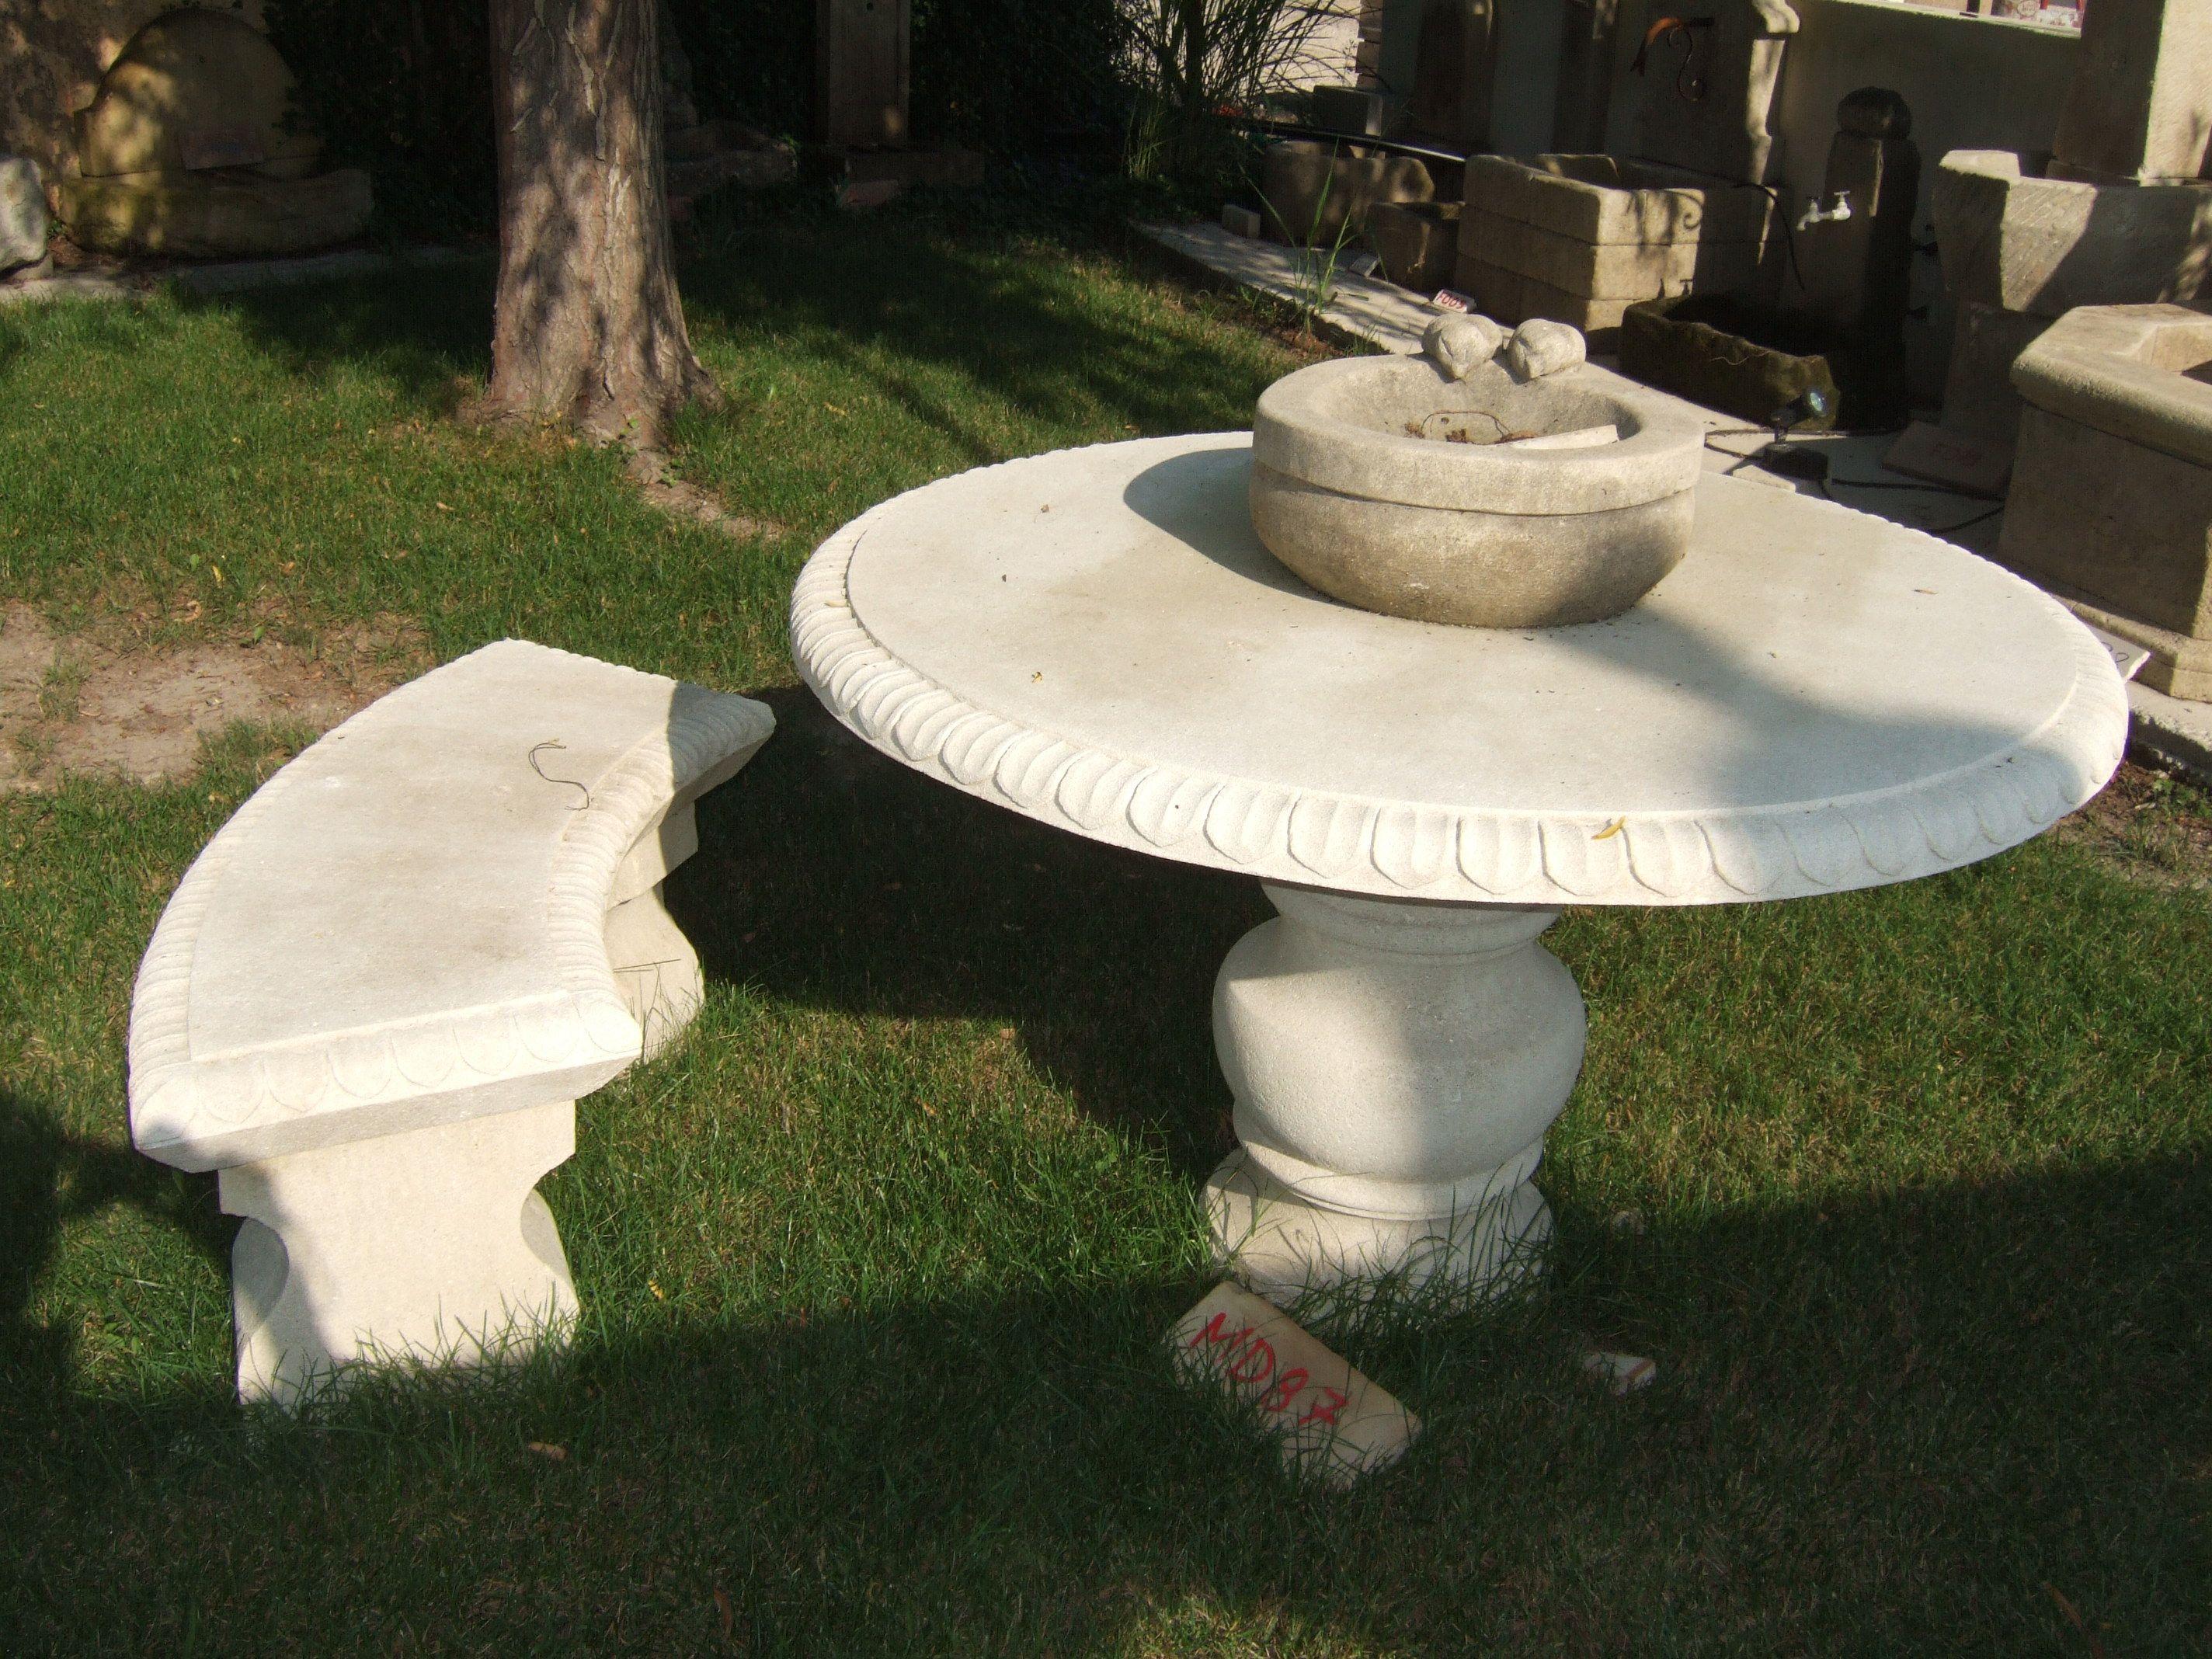 933fa216eff13fa5ce6bdd0bbacf2890 Impressionnant De Table De Jardin Ronde Pas Cher Conception